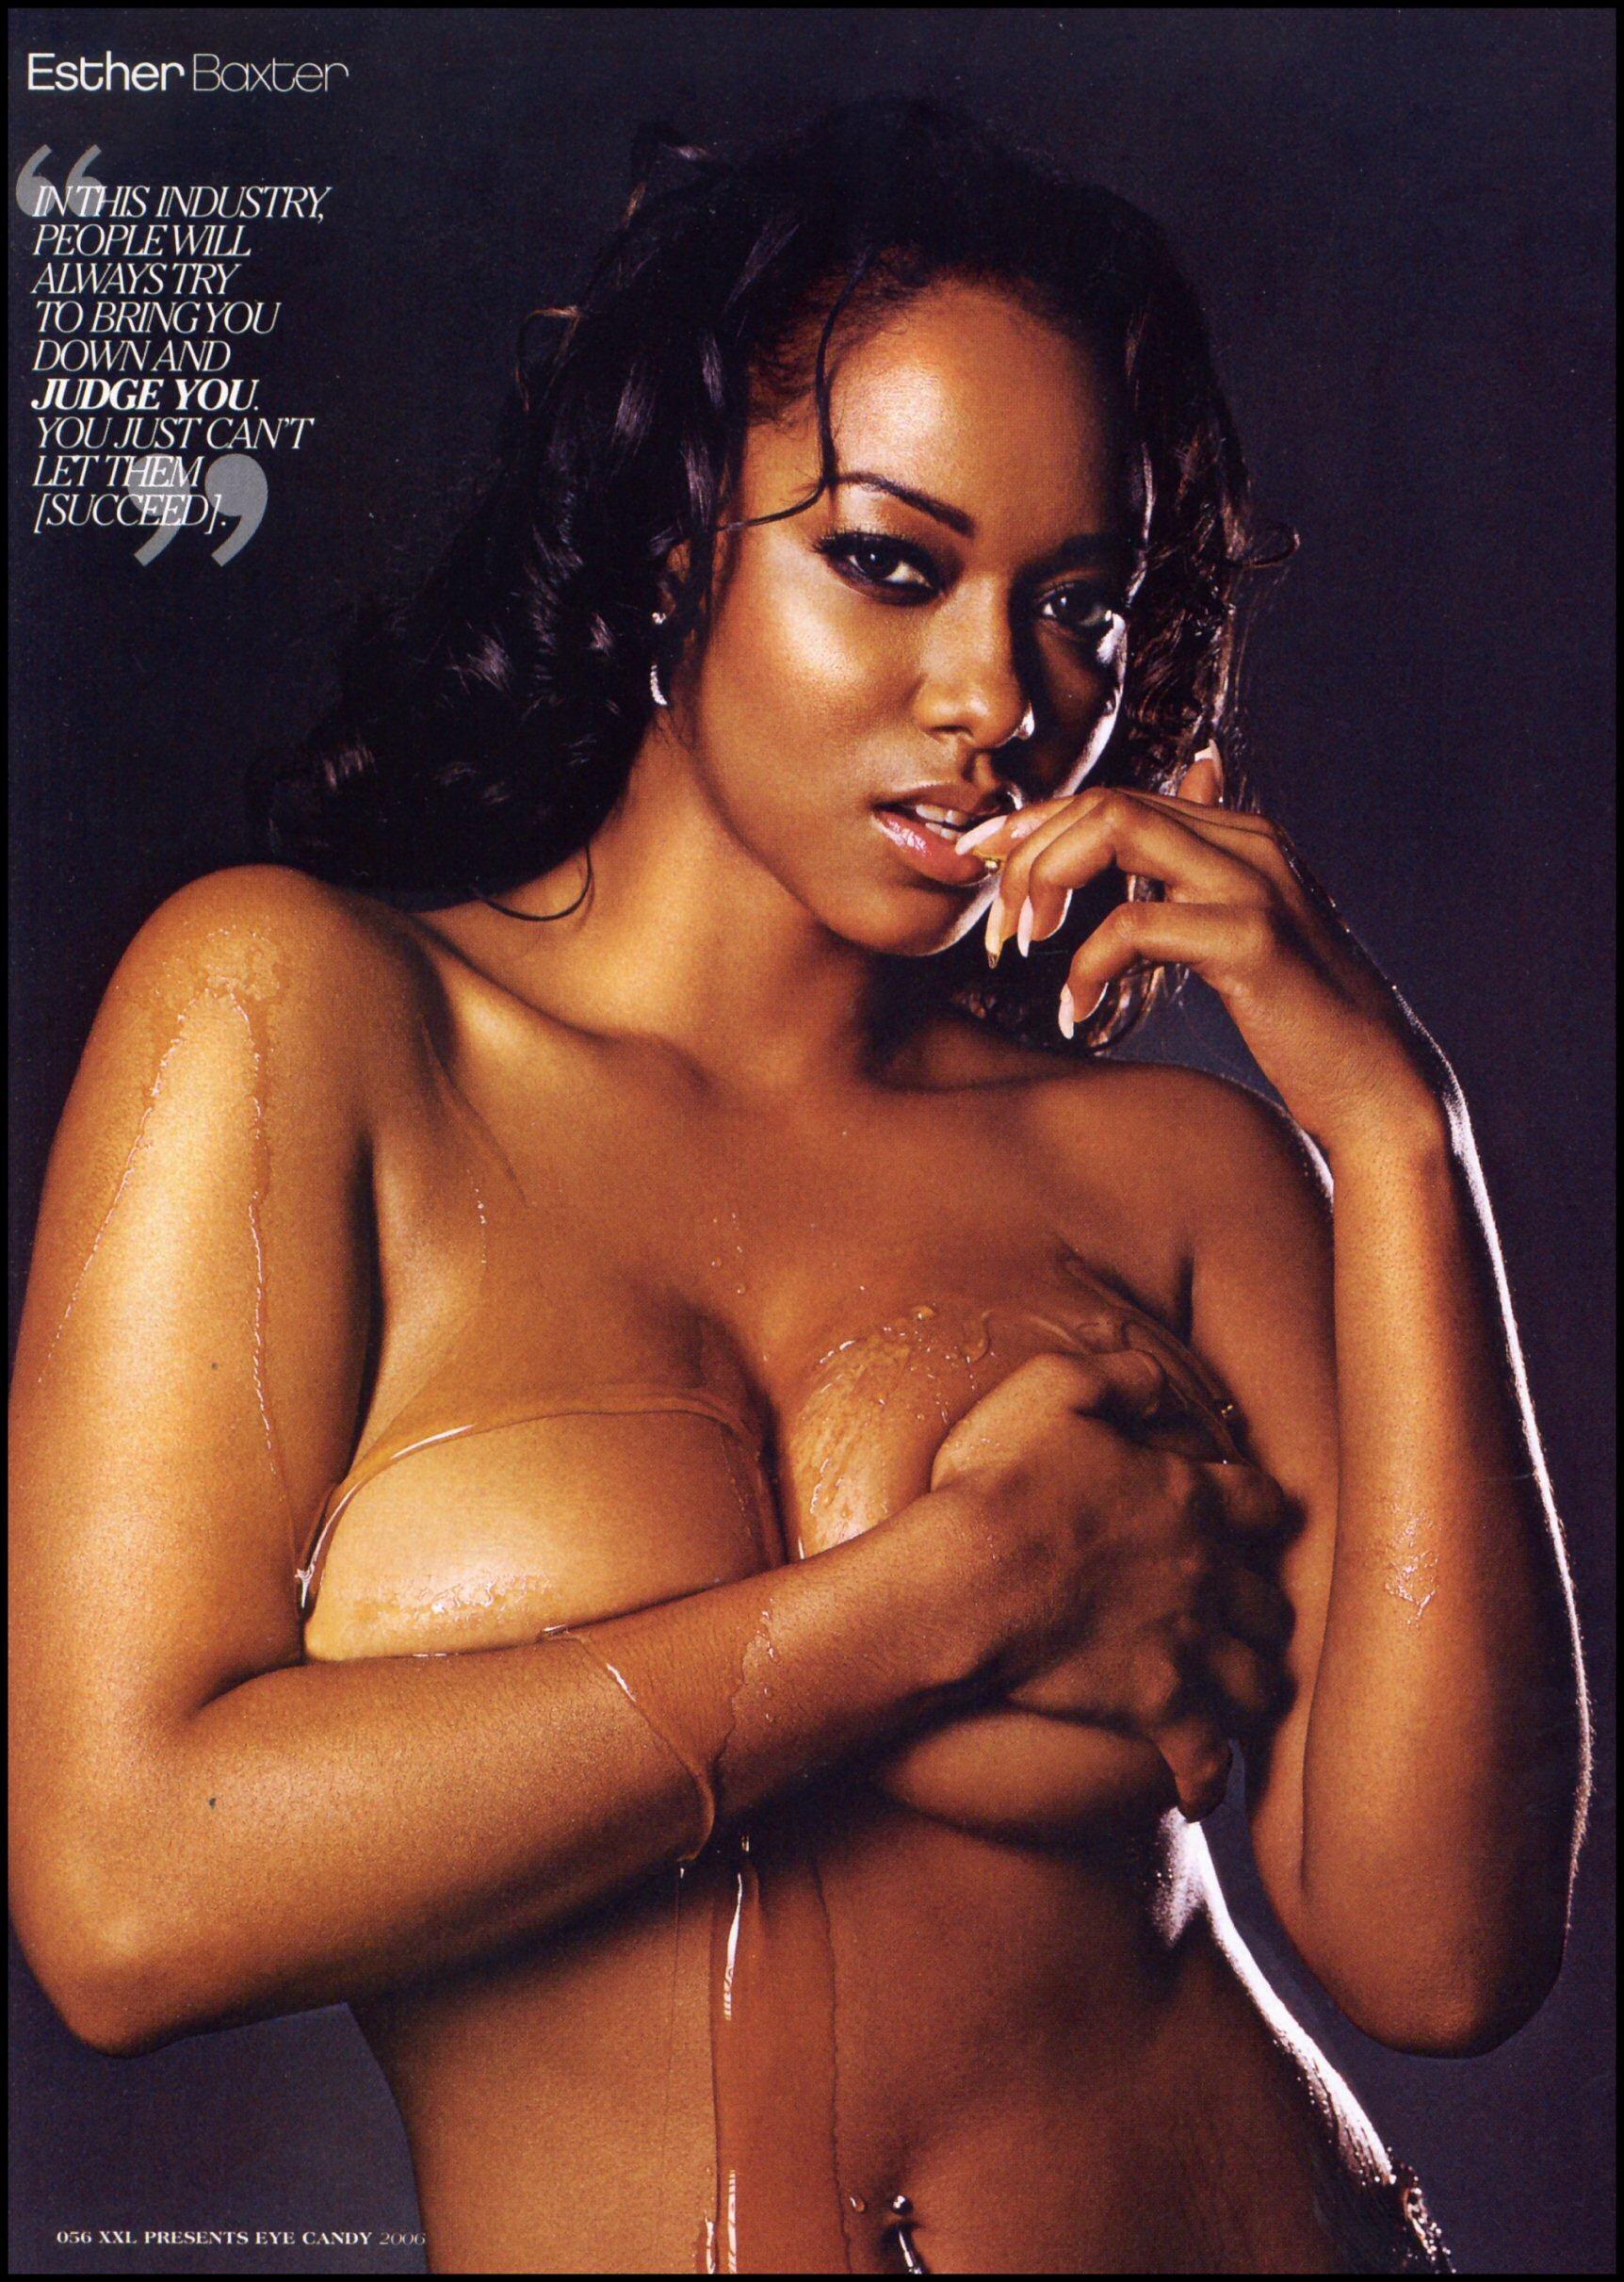 Miss nude australia 2006